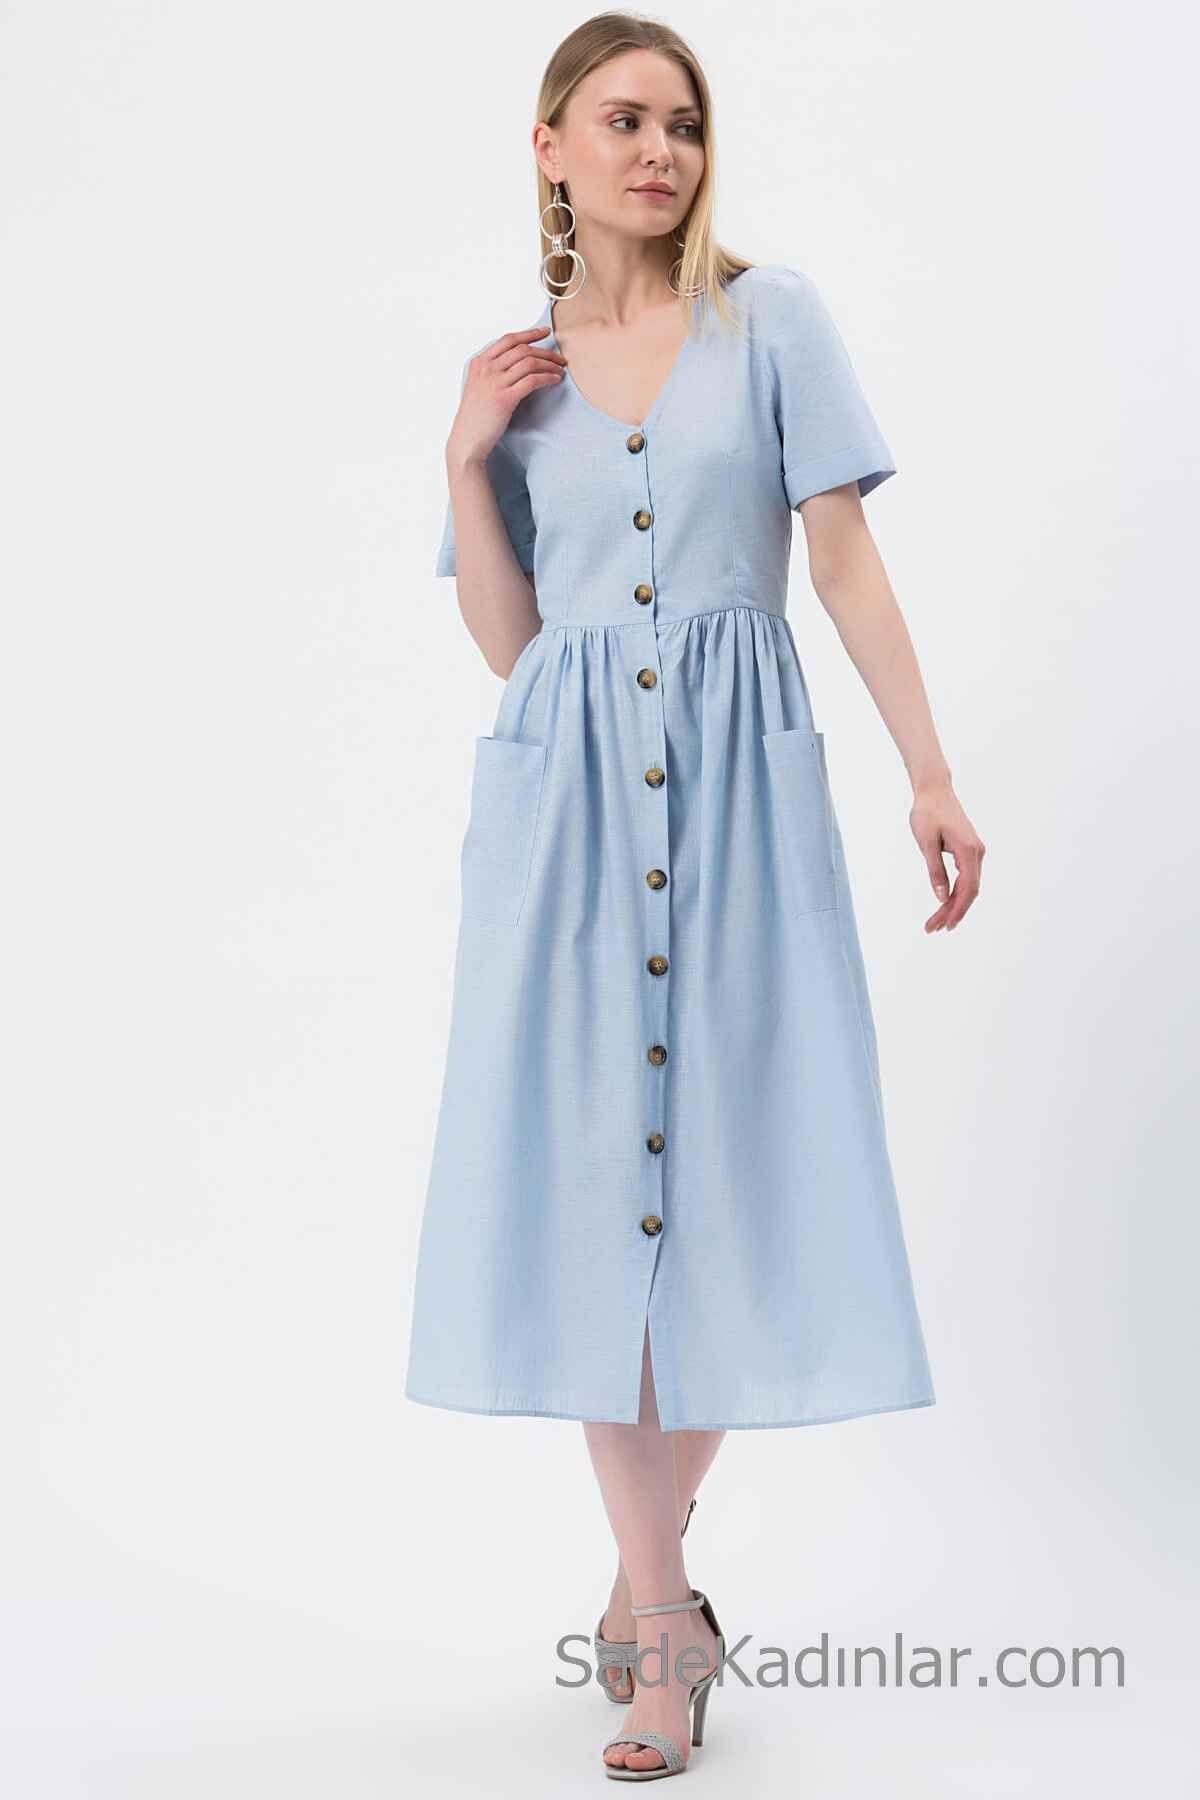 2020 Yaz Icin Gunluk Keten Elbise Modelleri Mavi Midi V Yakali Kisa Kol Dugmeli Cep Detayli Elbise Modelleri Elbise Tarz Elbiseler